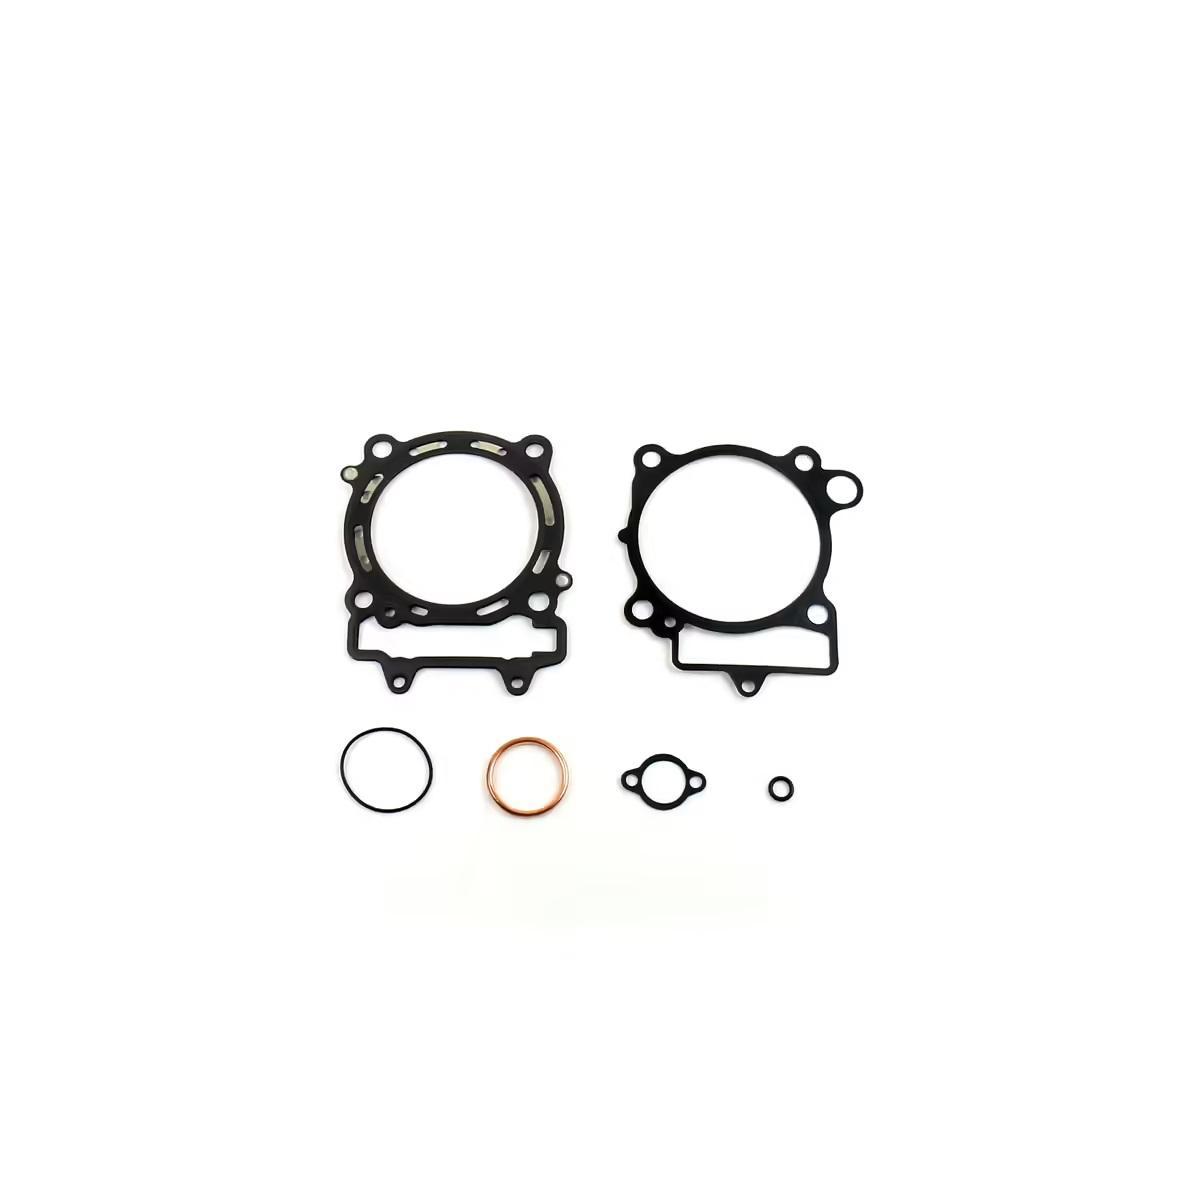 GASKET TOP KIT 6-17 KXF450 100 ATHENA P400250160014 490cc P4002-5016-0012